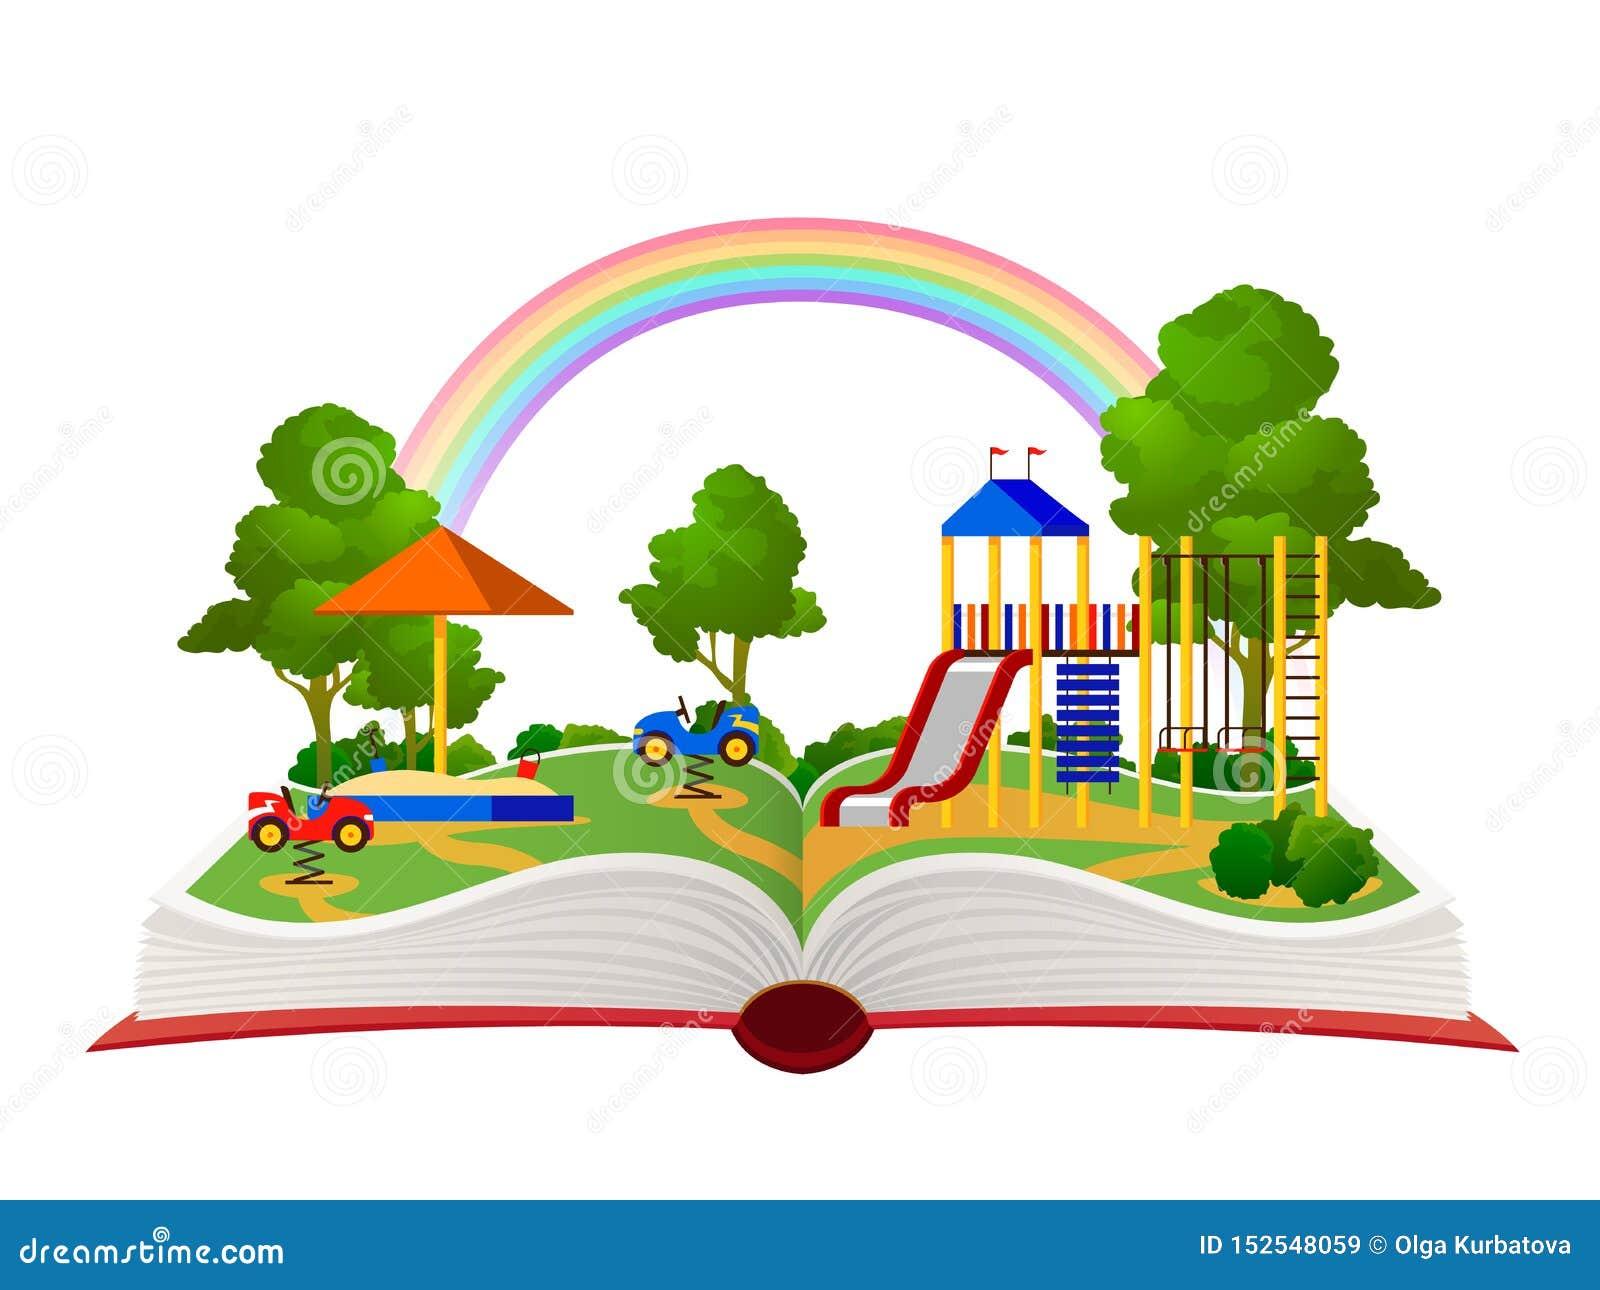 Открытая спортивная площадка книги Сад фантазии, уча библиотеку леса зеленого цвета парка атракционов, квартира ландшафта мечты д